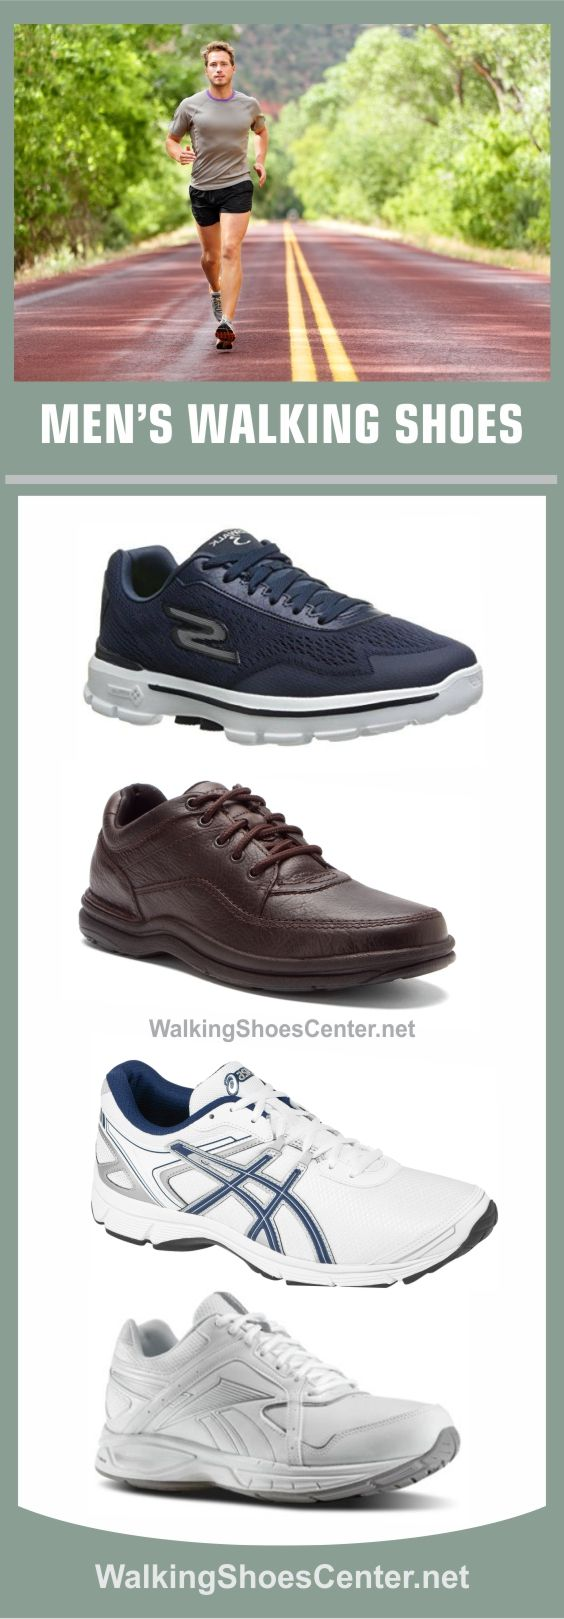 10 Best mens shoes images | Shoes, Men, Sneakers